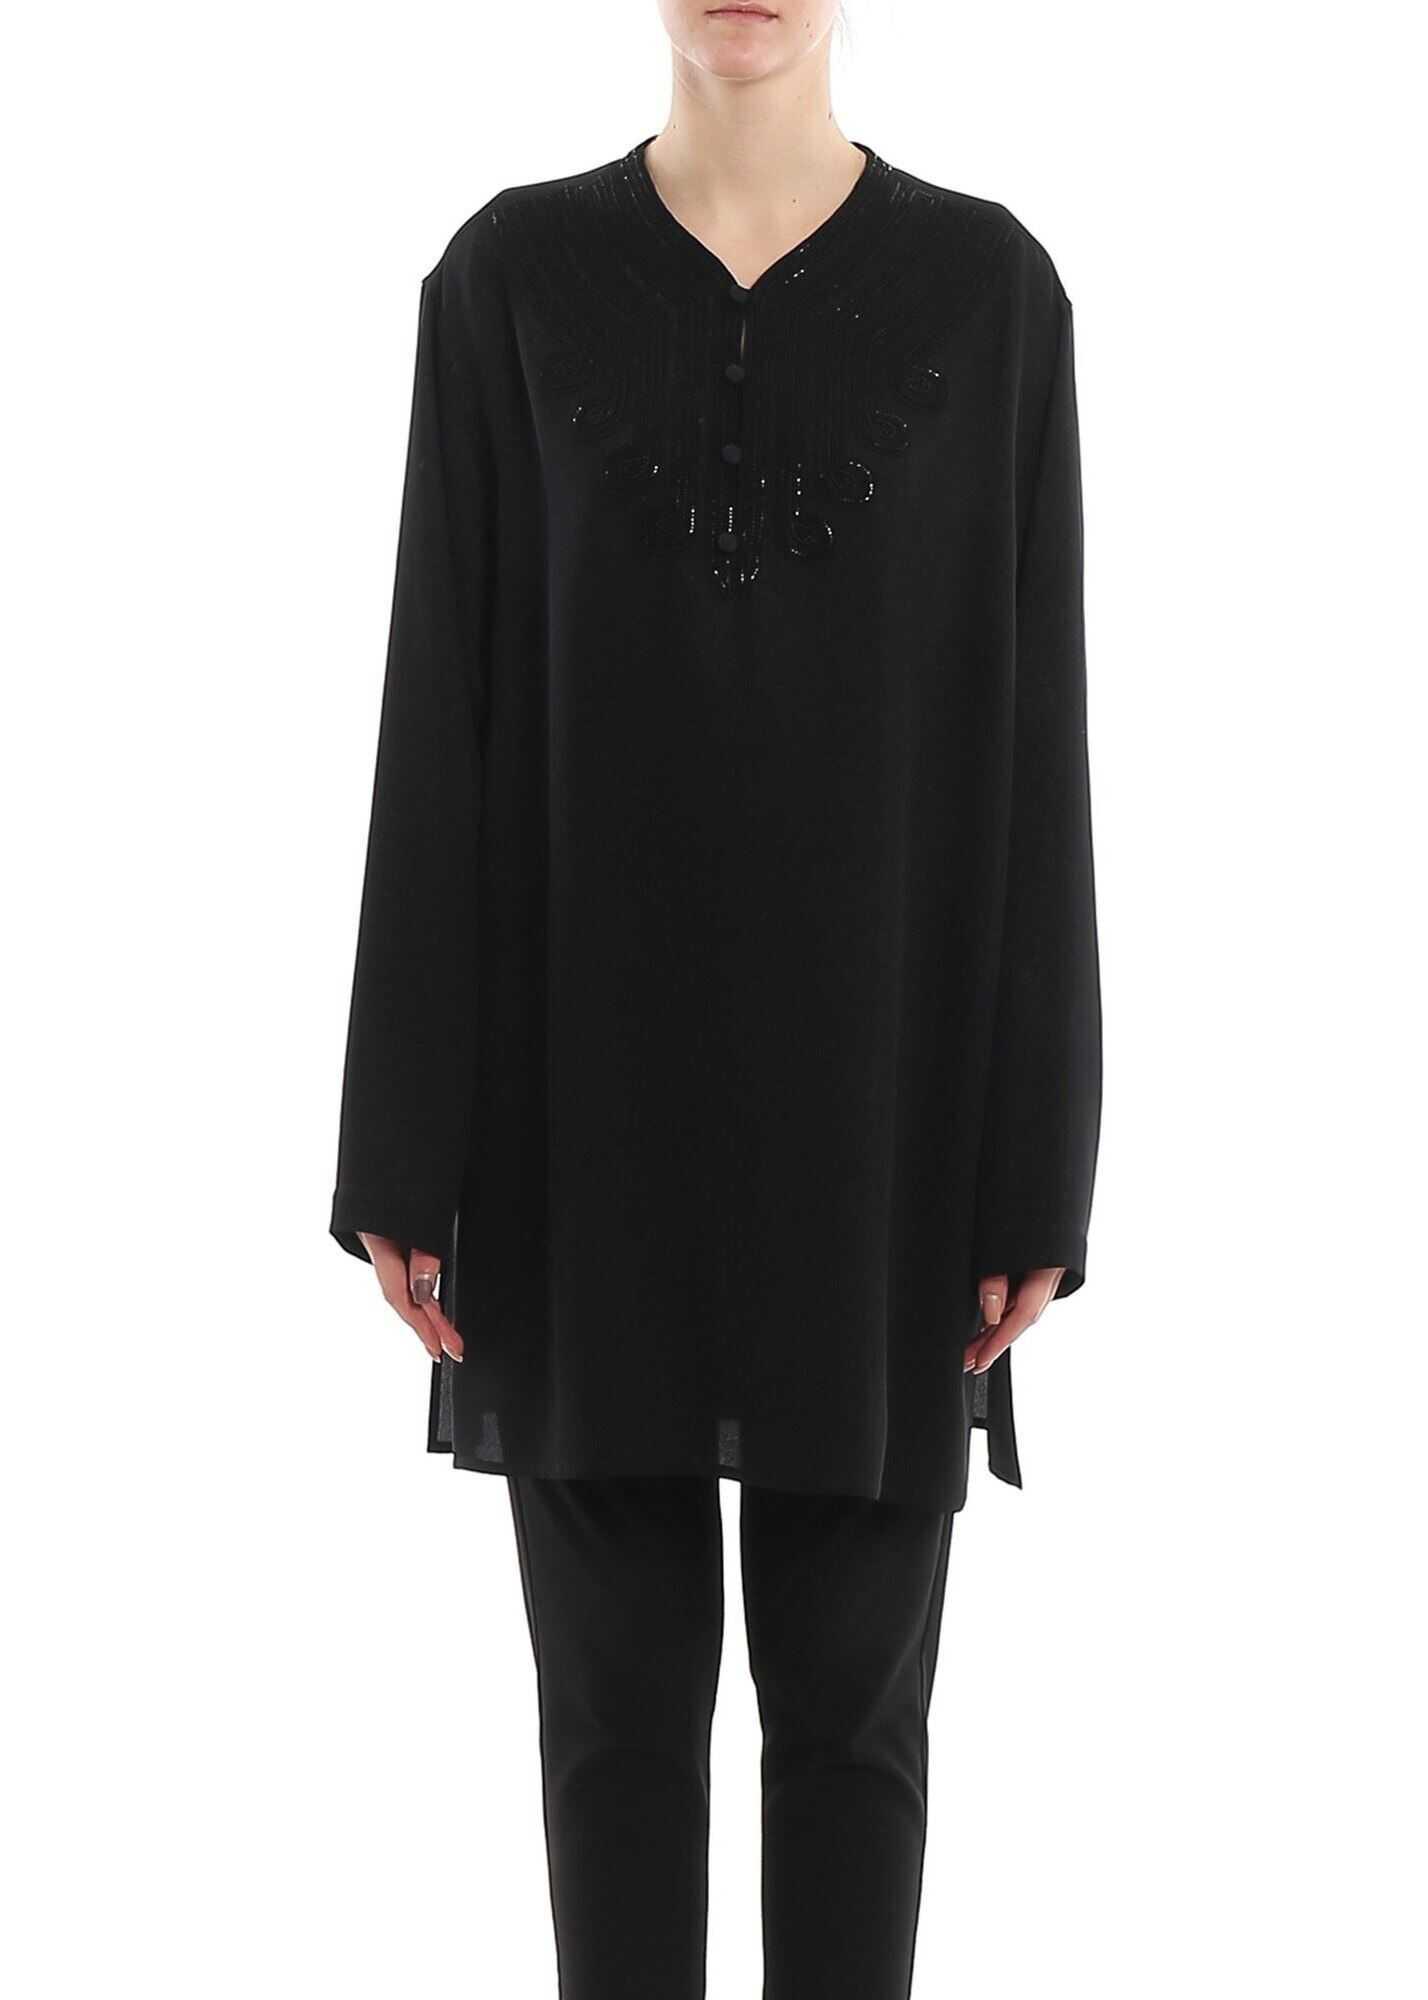 Saint Laurent Cady Crepe Blouse In Black Black